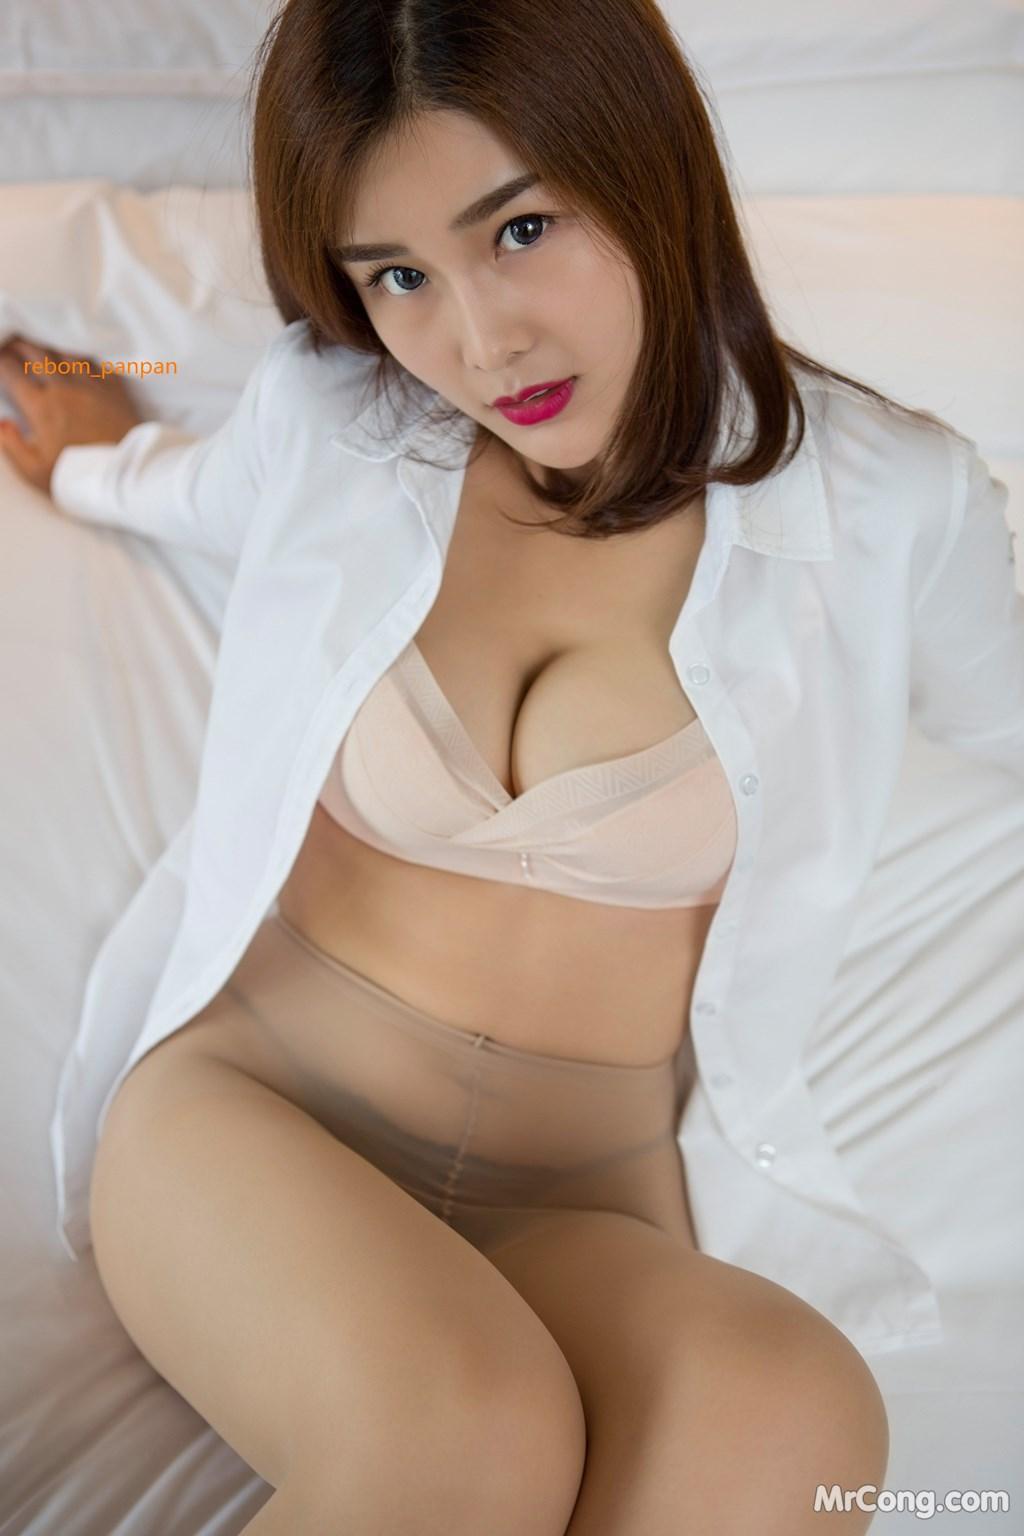 Image Yan-Pan-Pan-Part-4-MrCong.com-014 in post Người đẹp Yan Pan Pan (闫盼盼) hờ hững khoe vòng một trên giường ngủ (40 ảnh)